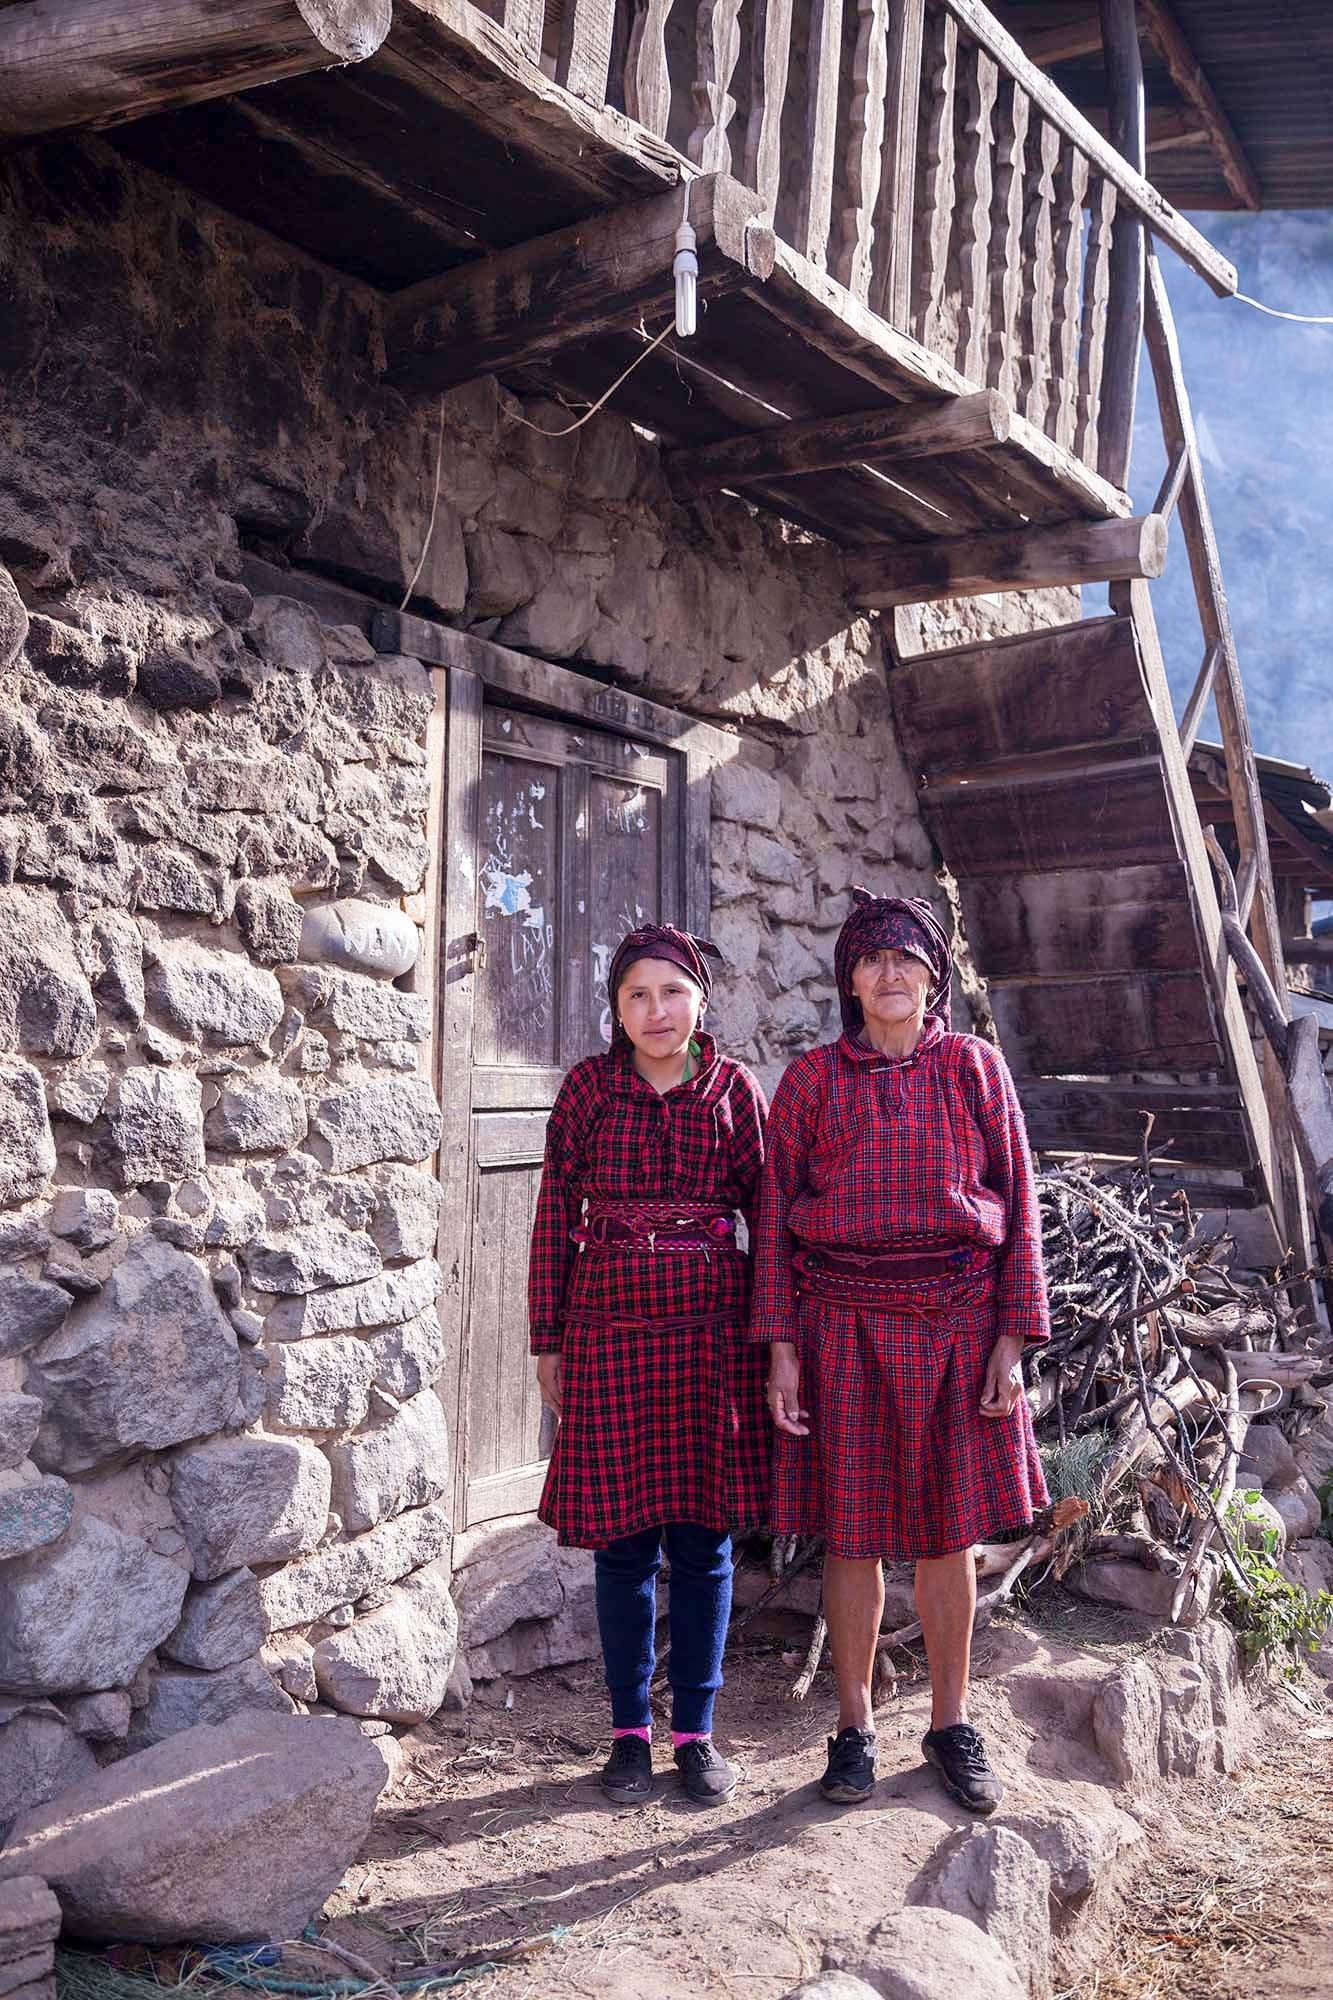 Ramirez-Sanabria family